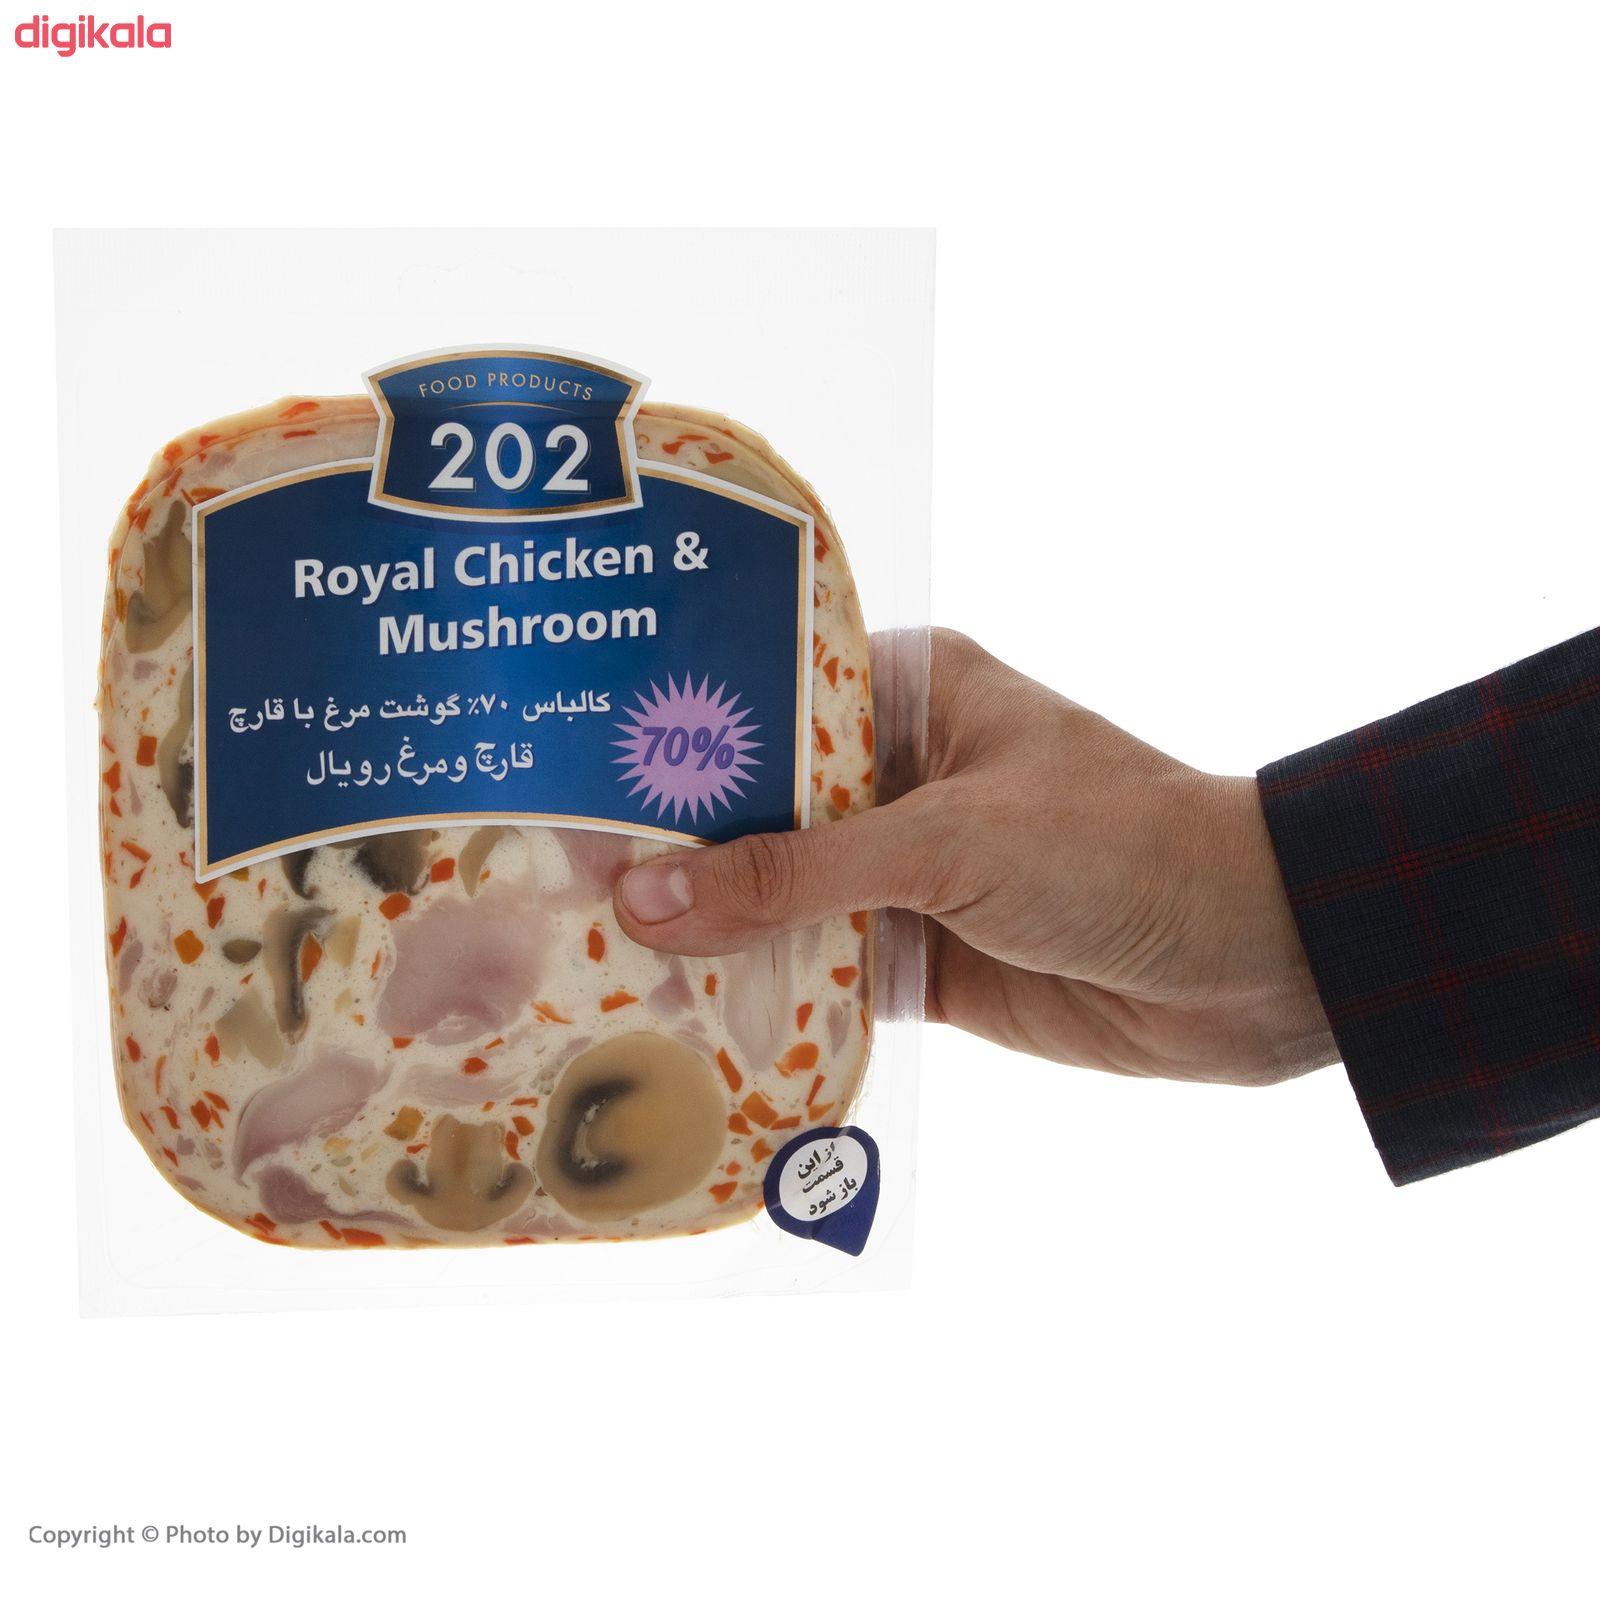 کالباس قارچ و مرغ رویال 70 درصد 202 وزن 300 گرم main 1 4